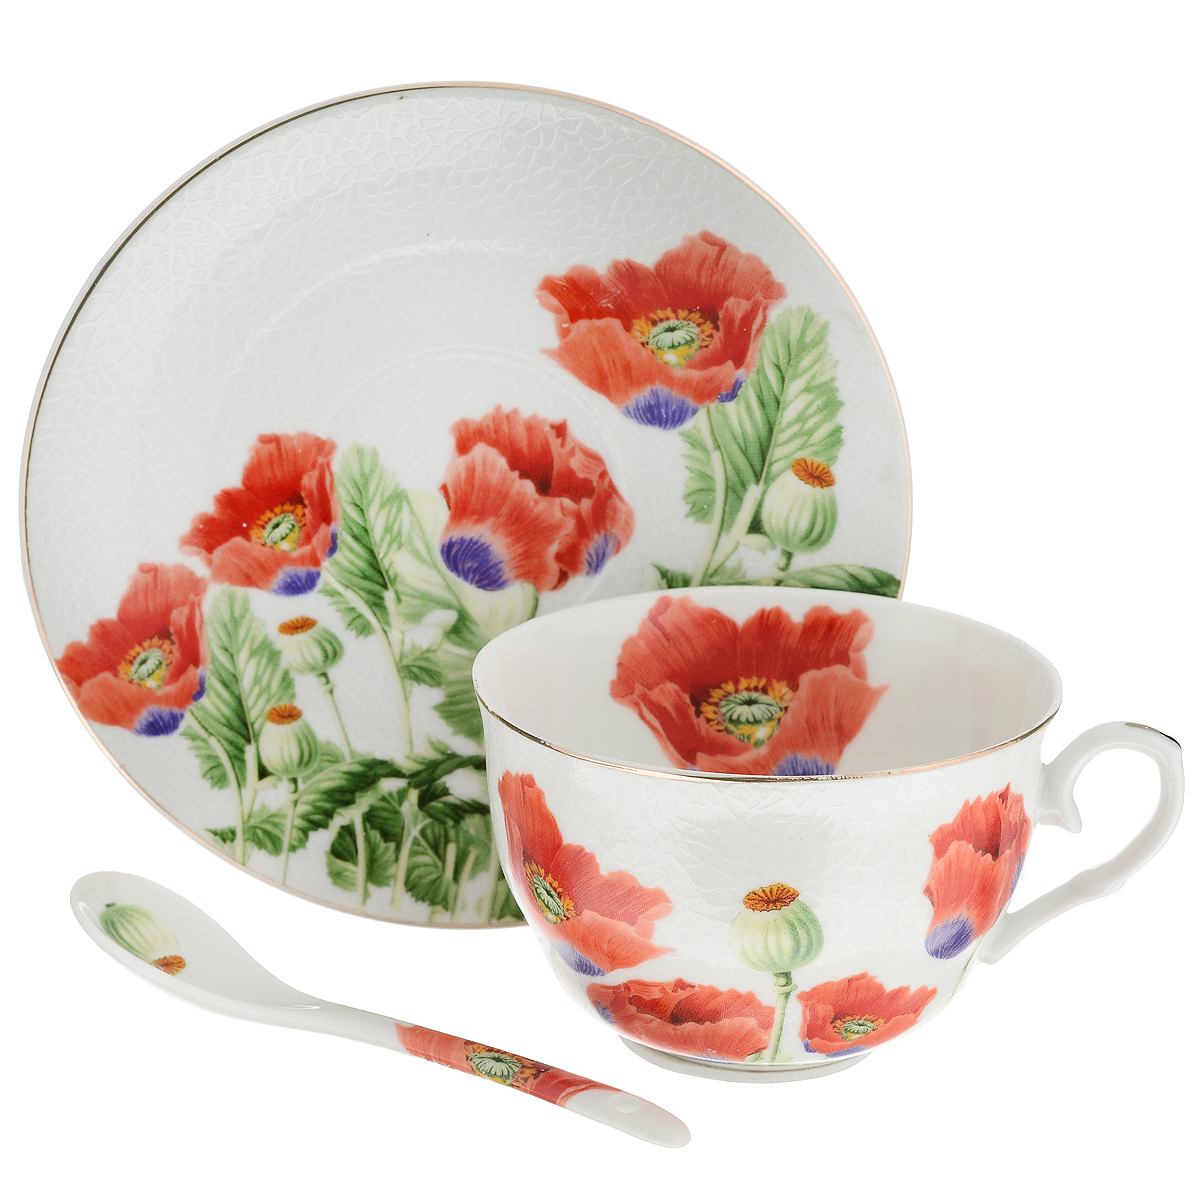 Набор чайный Briswild Цветы мака, 3 предмета115510Чайный набор Briswild Цветы мака состоит из чашки, блюдца и чайной ложки. Изделия выполнены из высококачественного фарфора и оформлены красочным цветочным рисунком. Изящный набор красиво оформит стол к чаепитию и станет приятным подарком к любому случаю. Не использовать в микроволновой печи. Не применять абразивные моющие средства.